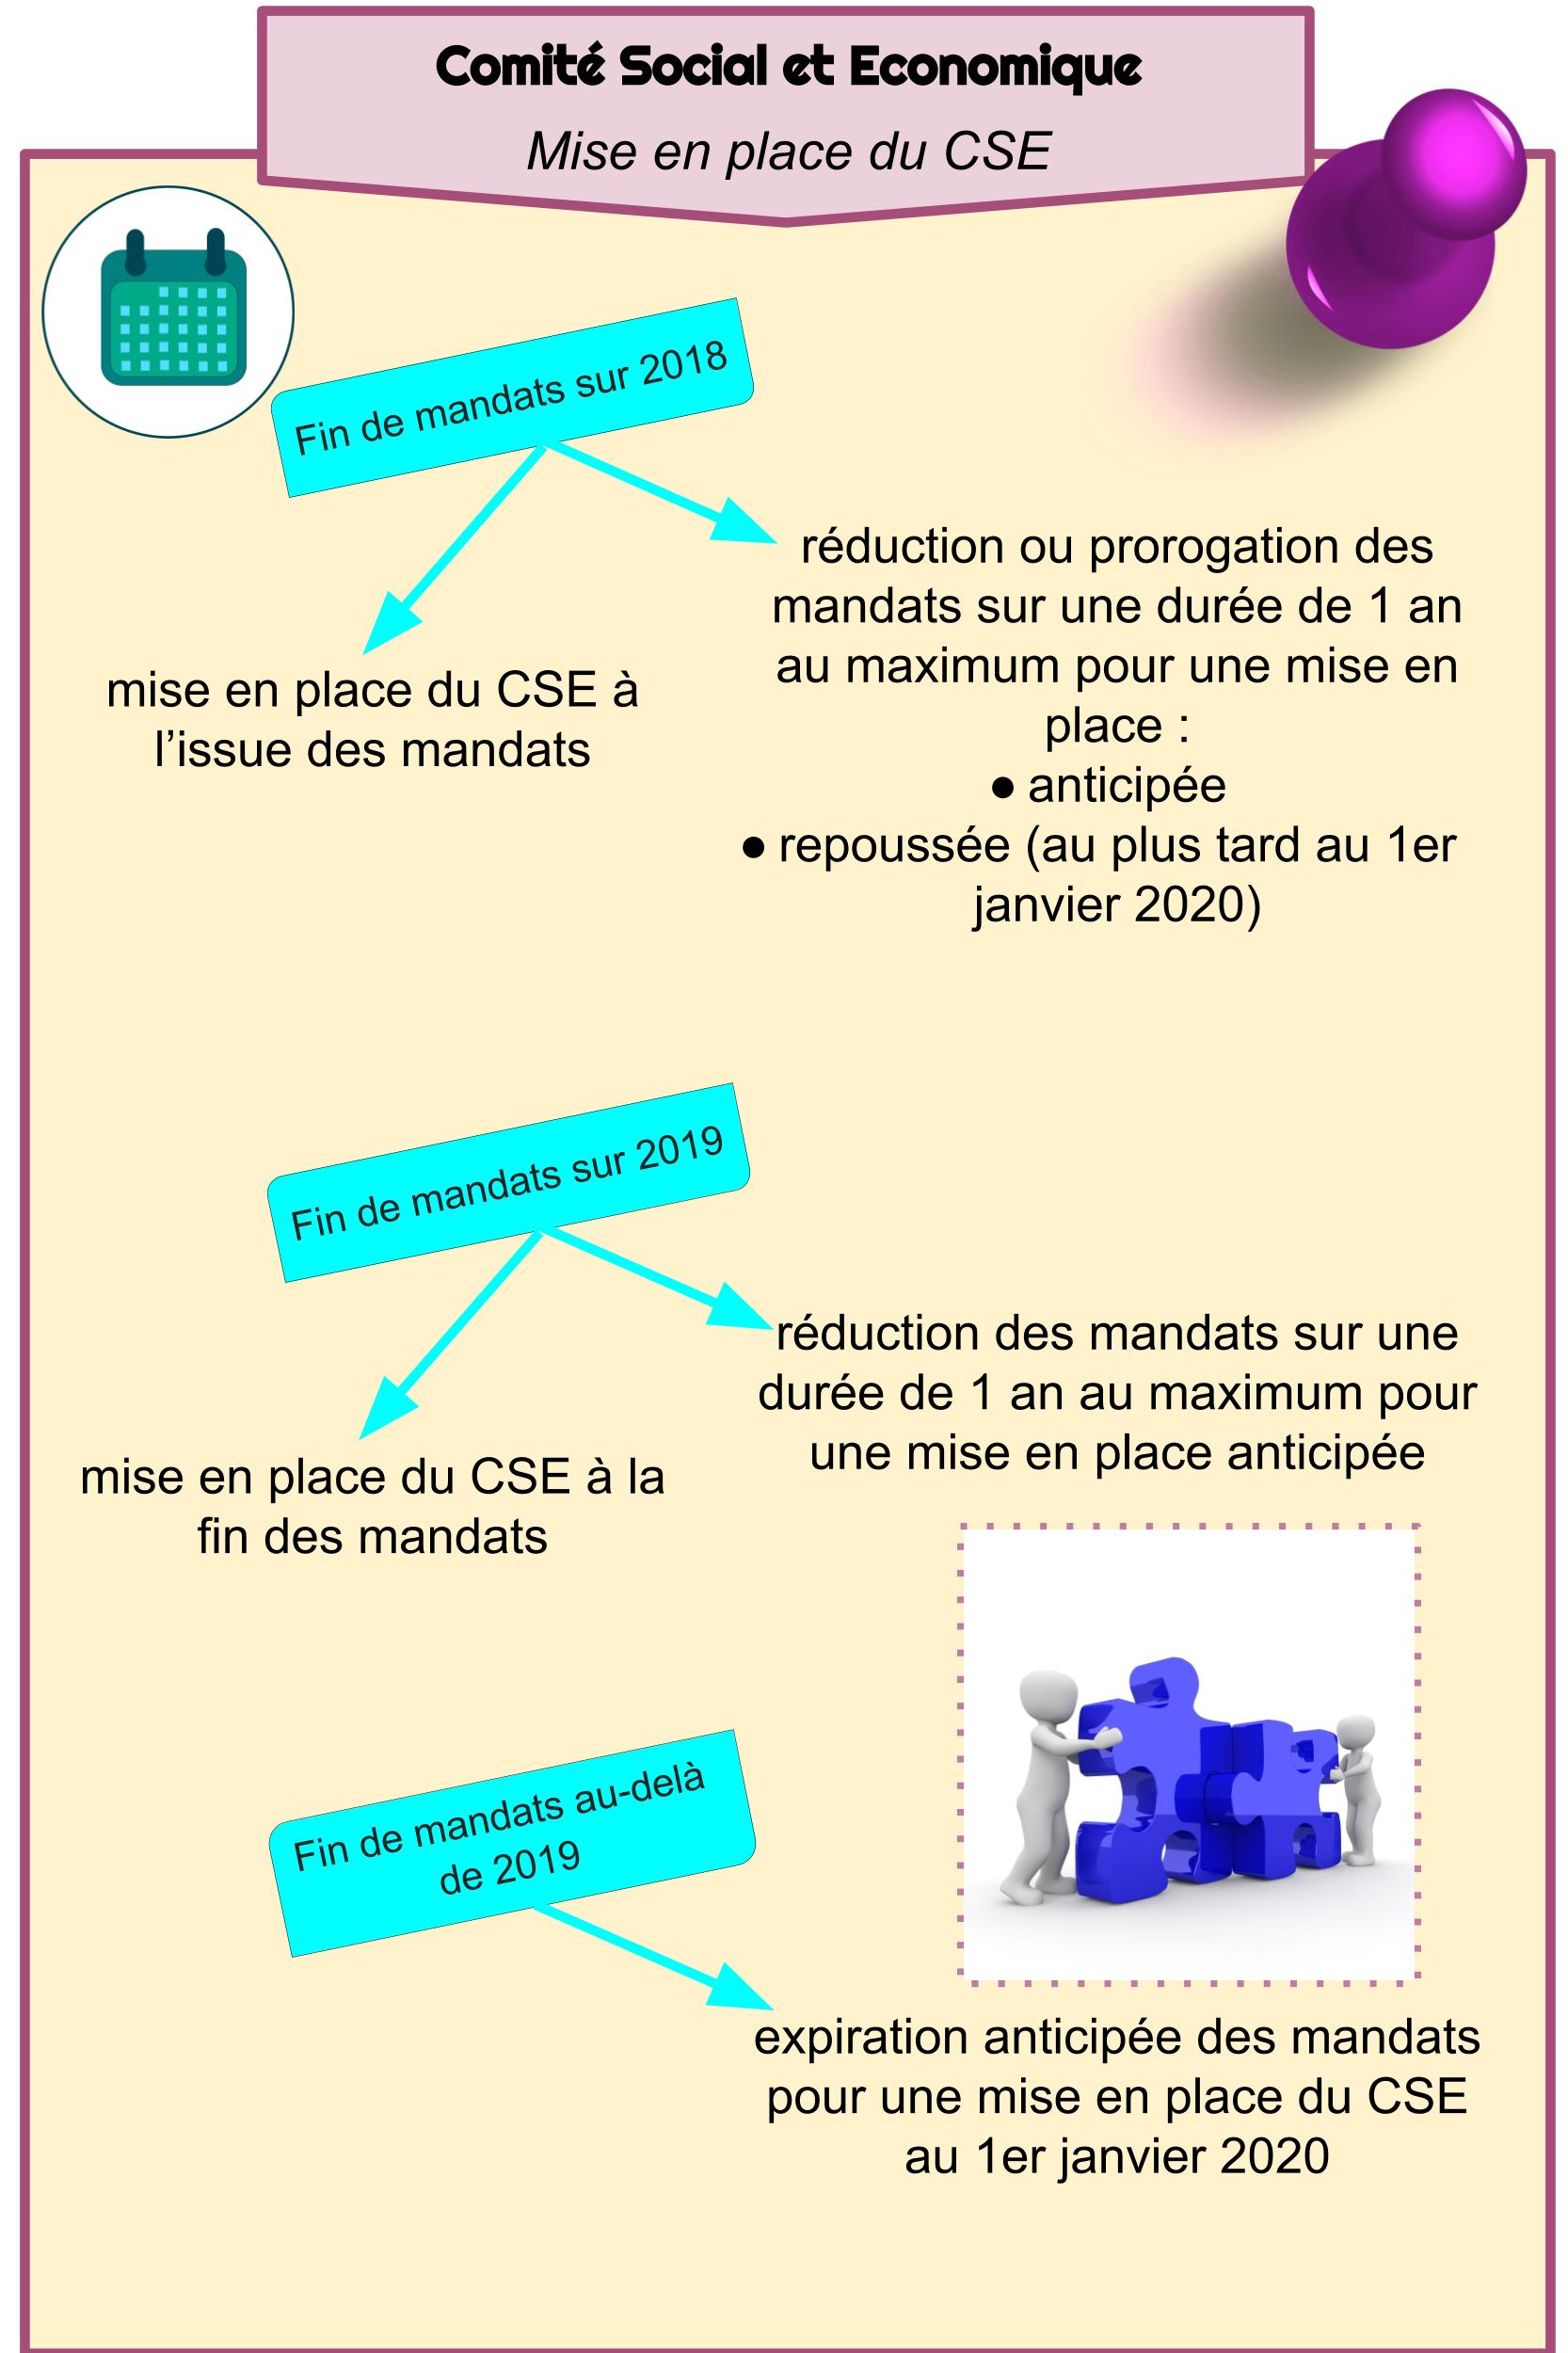 CSE - Mise en place du CSE